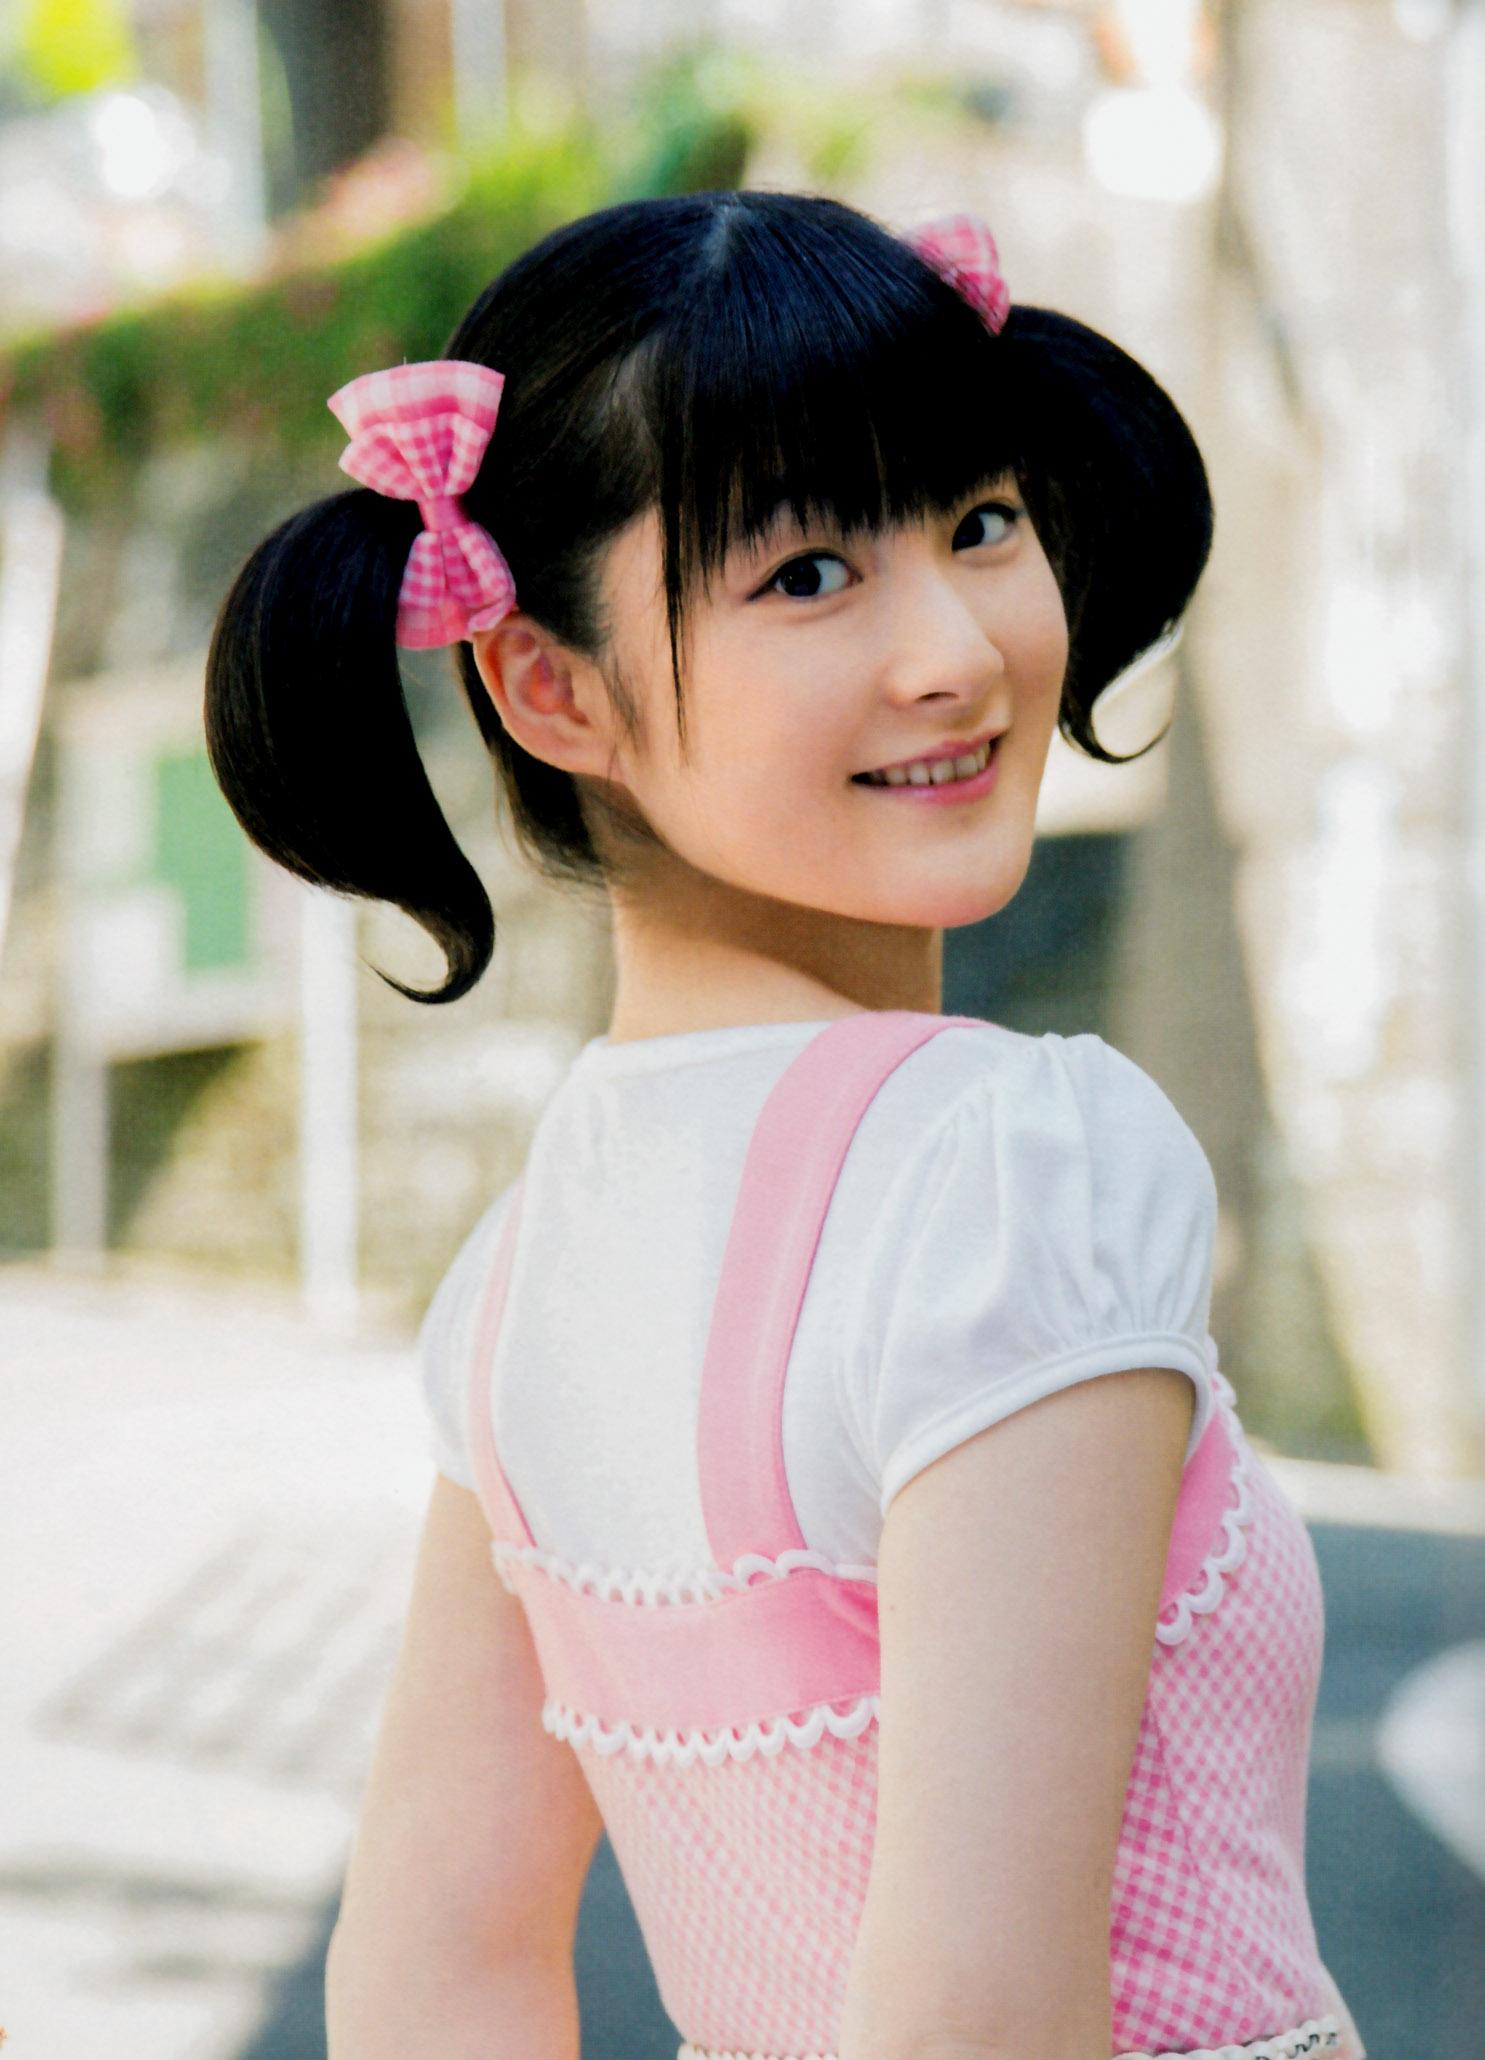 【Berryz工房】嗣永桃子(ももち)の超かわいい画像を集めてみた。のサムネイル画像